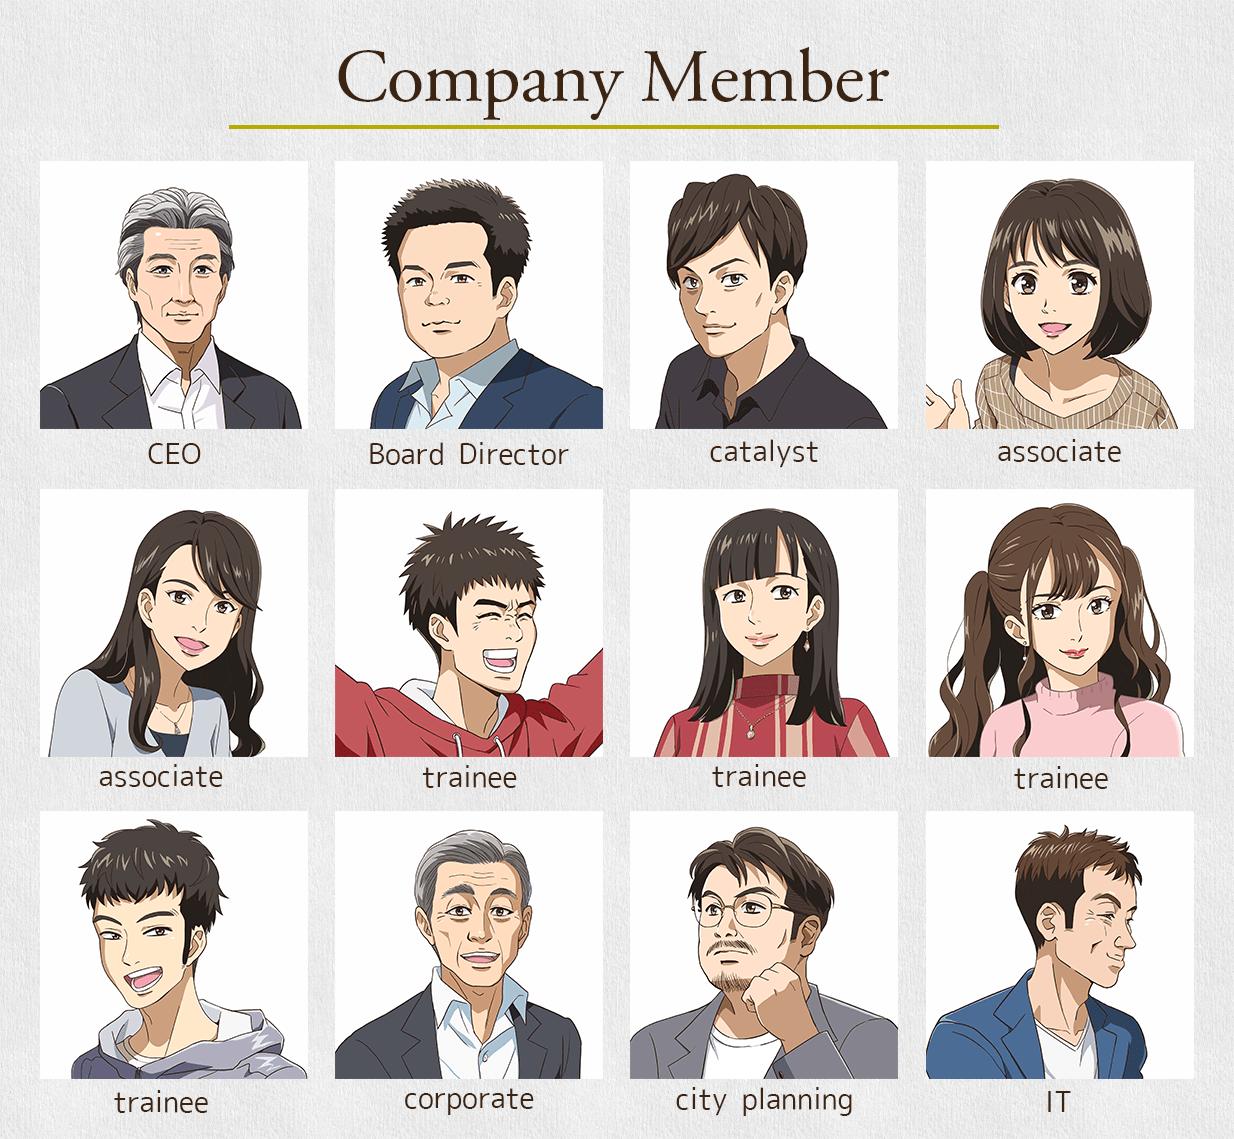 企業の社員紹介ページに、社員さん18名の似顔絵を制作させていただきました